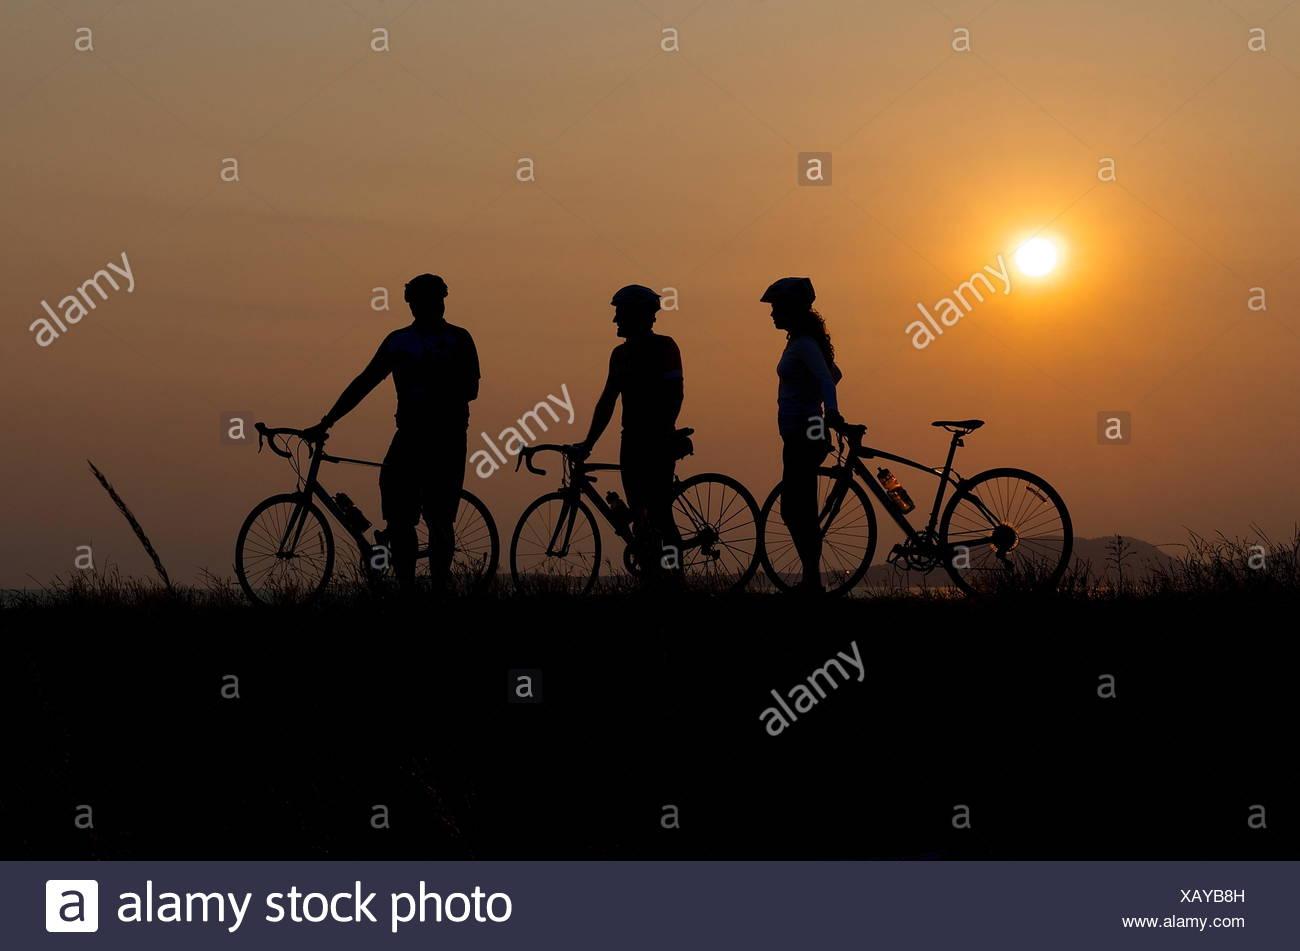 Silhouette der drei Radfahrer bei Sonnenuntergang Stockbild